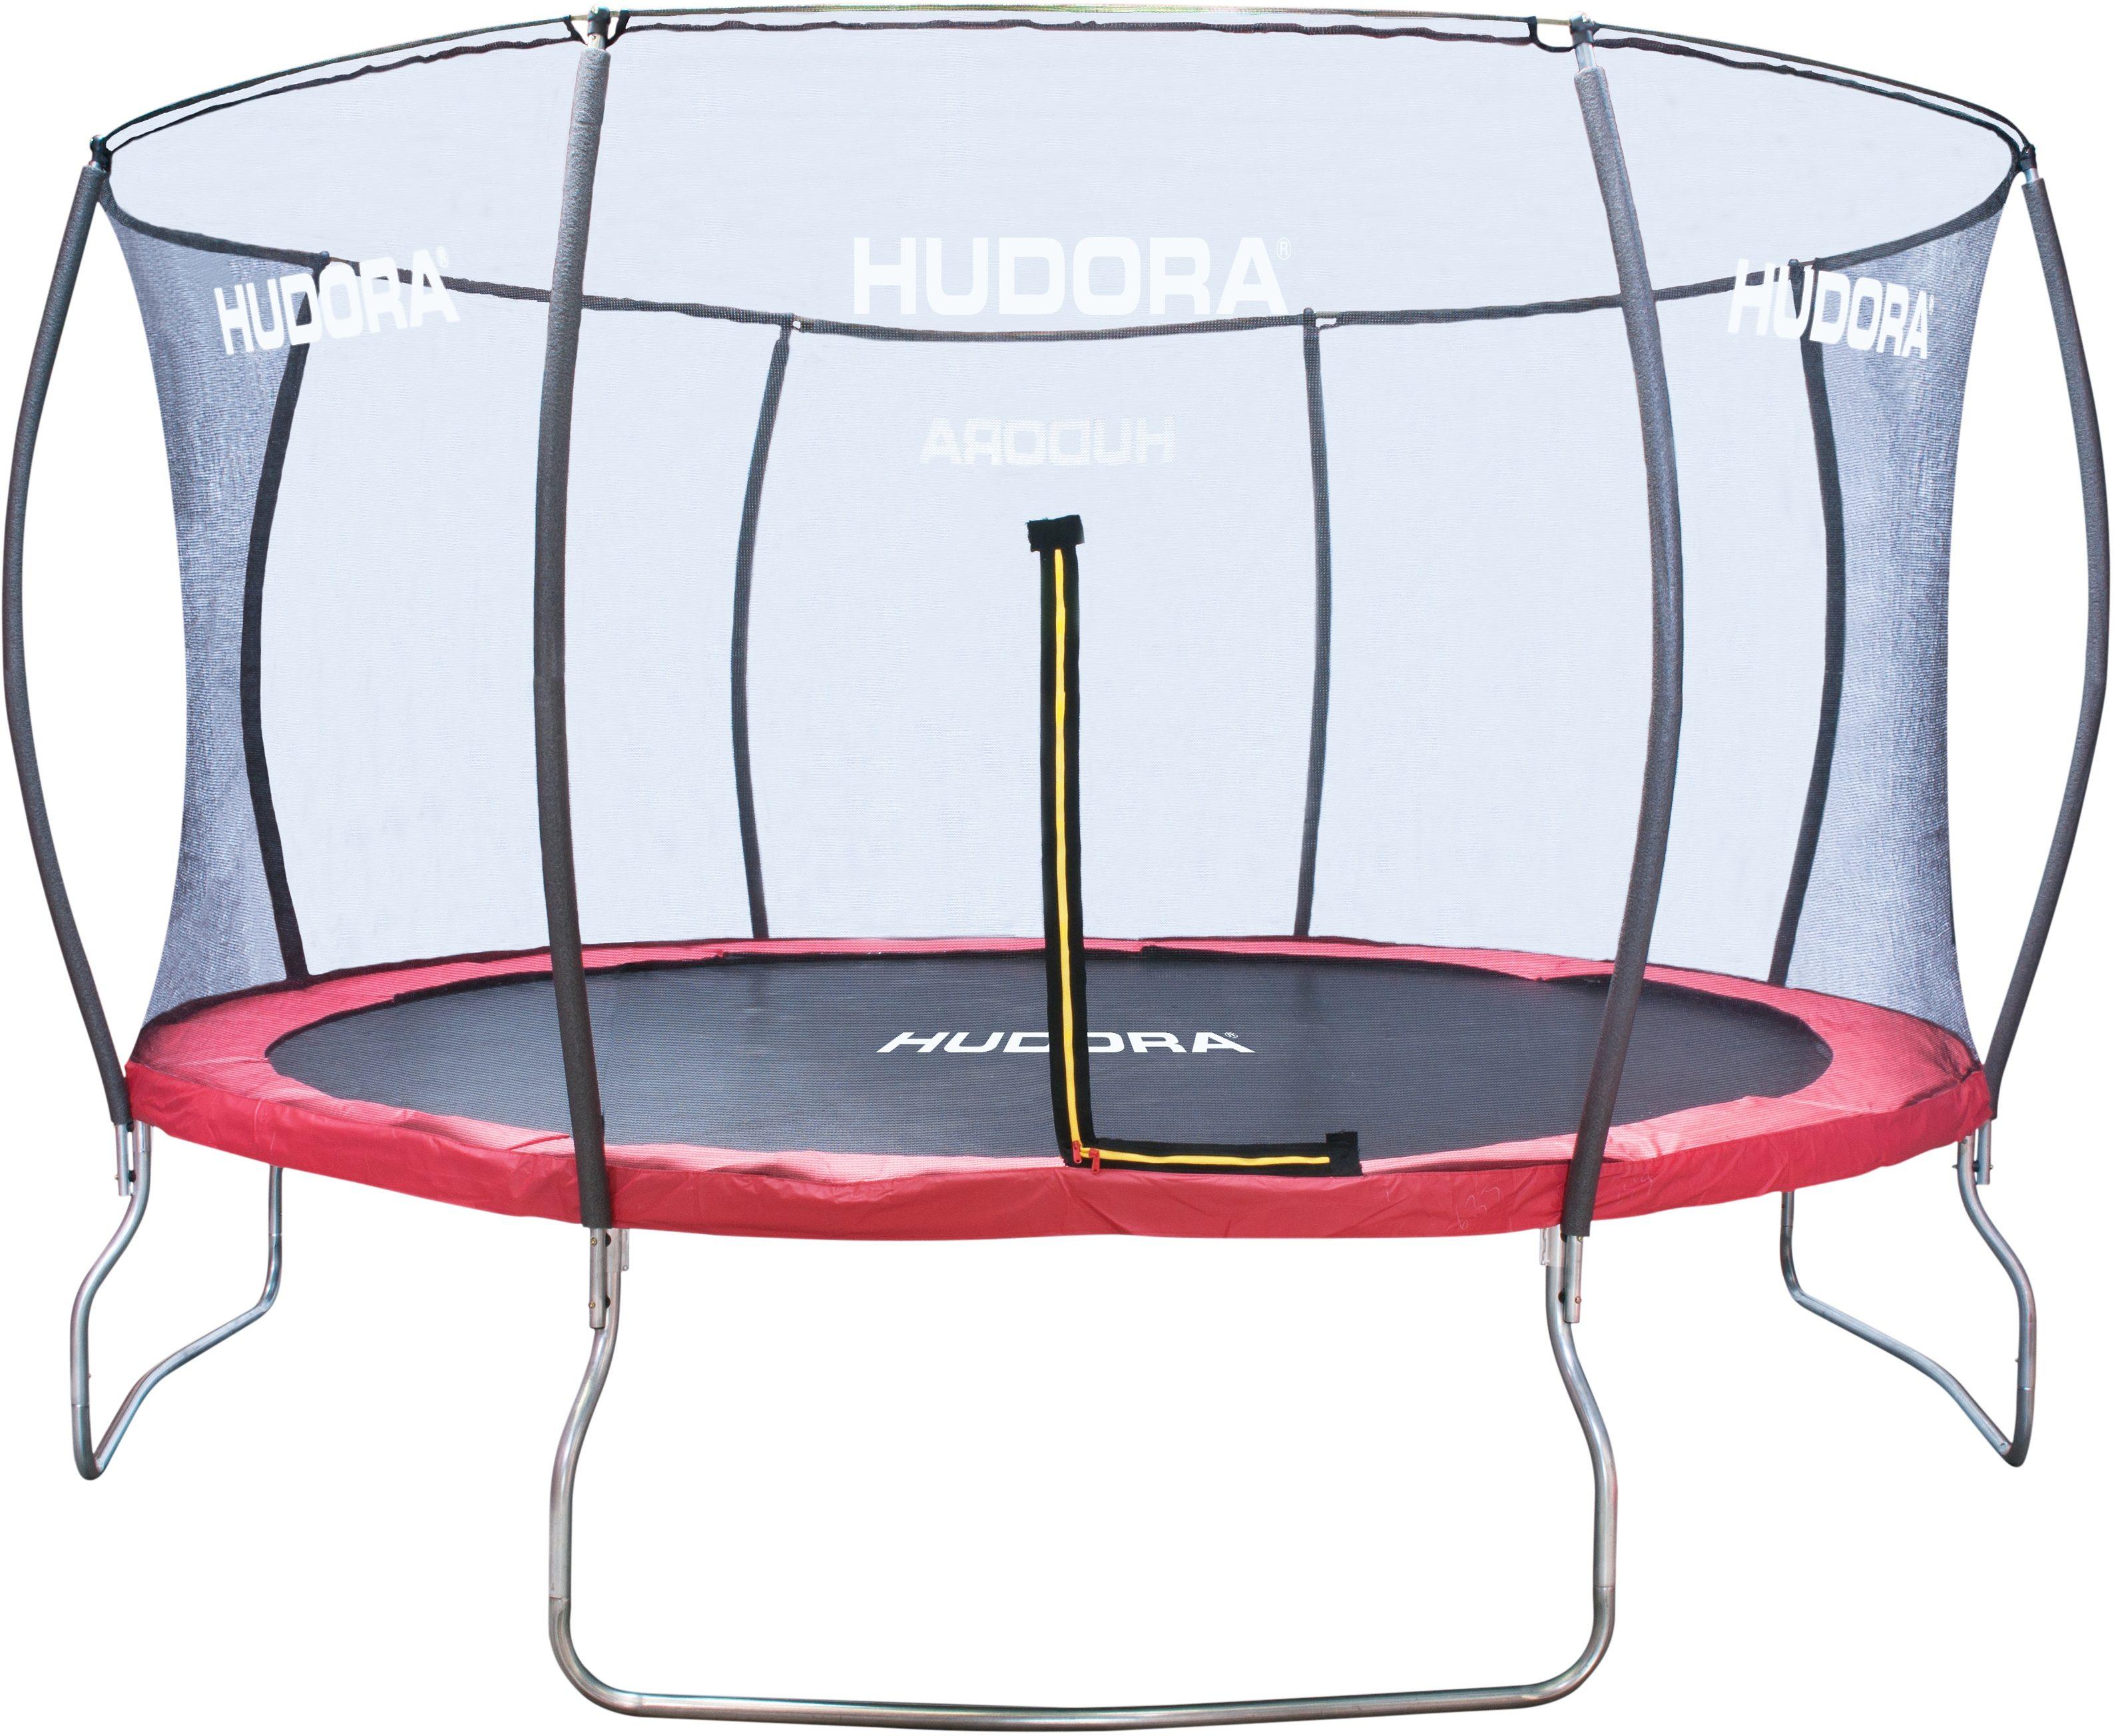 Hudora Trampolin 400cm, inkl. Netz, »Fantastic Trampolin 400V«